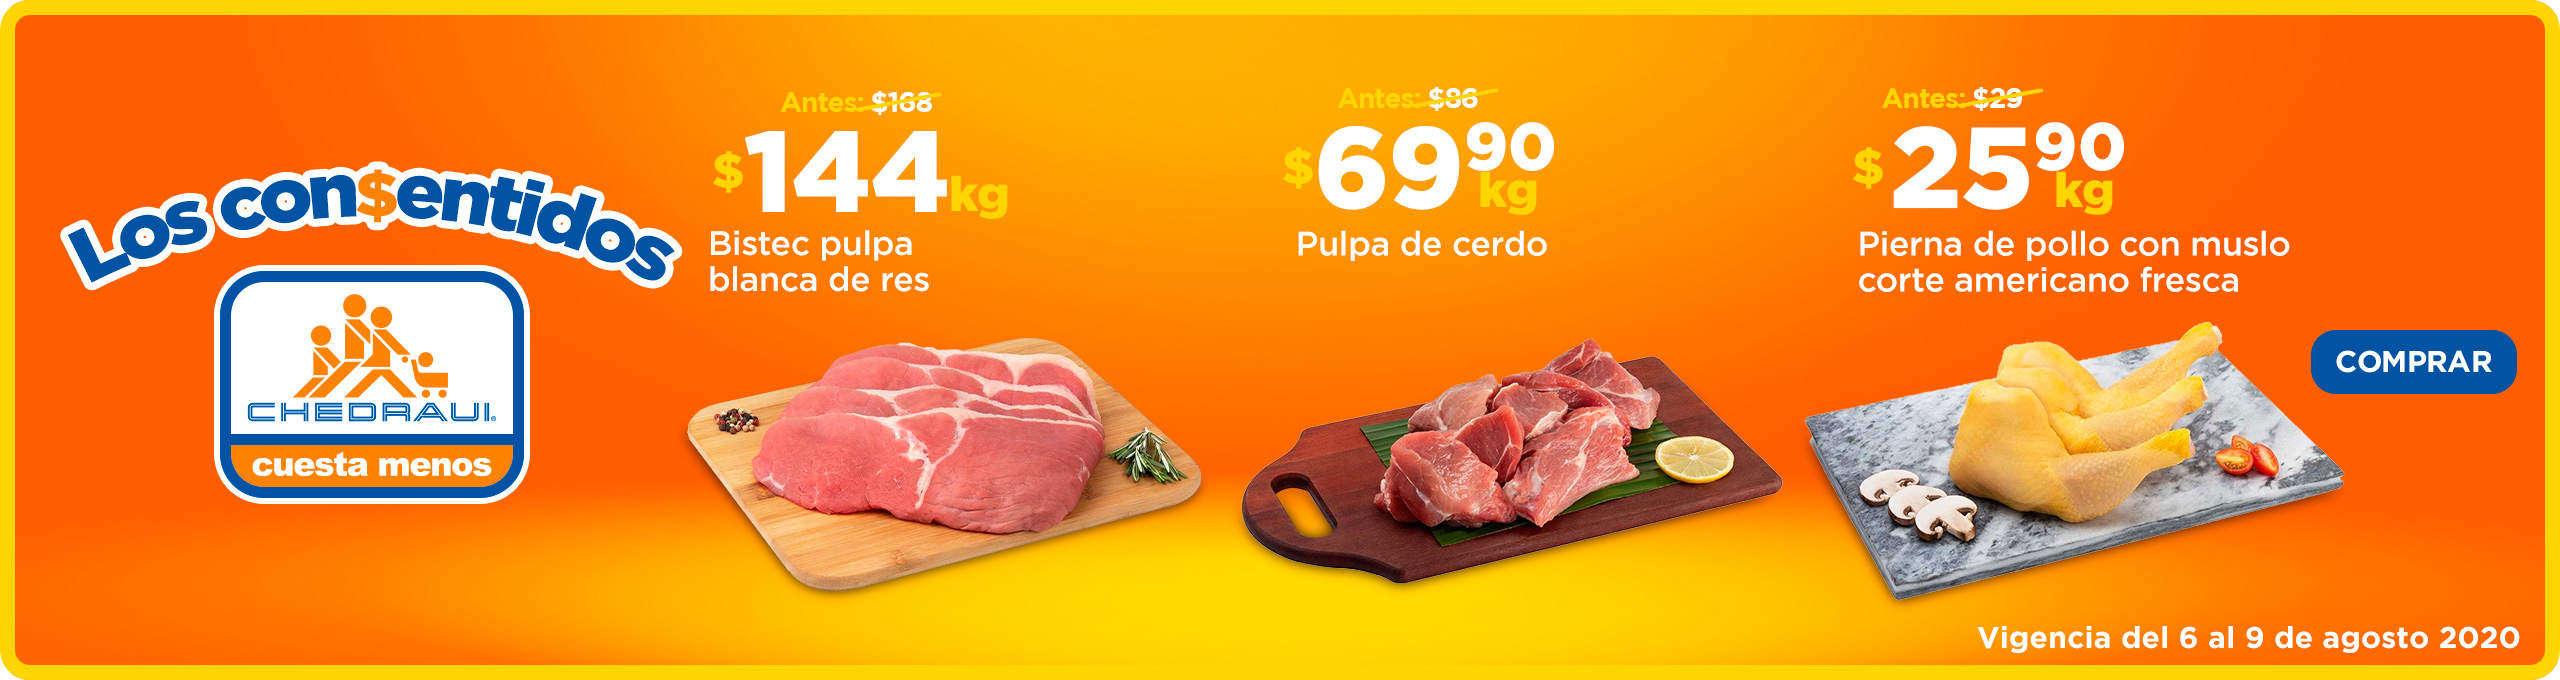 Ofertas Chedraui Carnes y Los Consentidos del 6 al 9 de agosto 2020